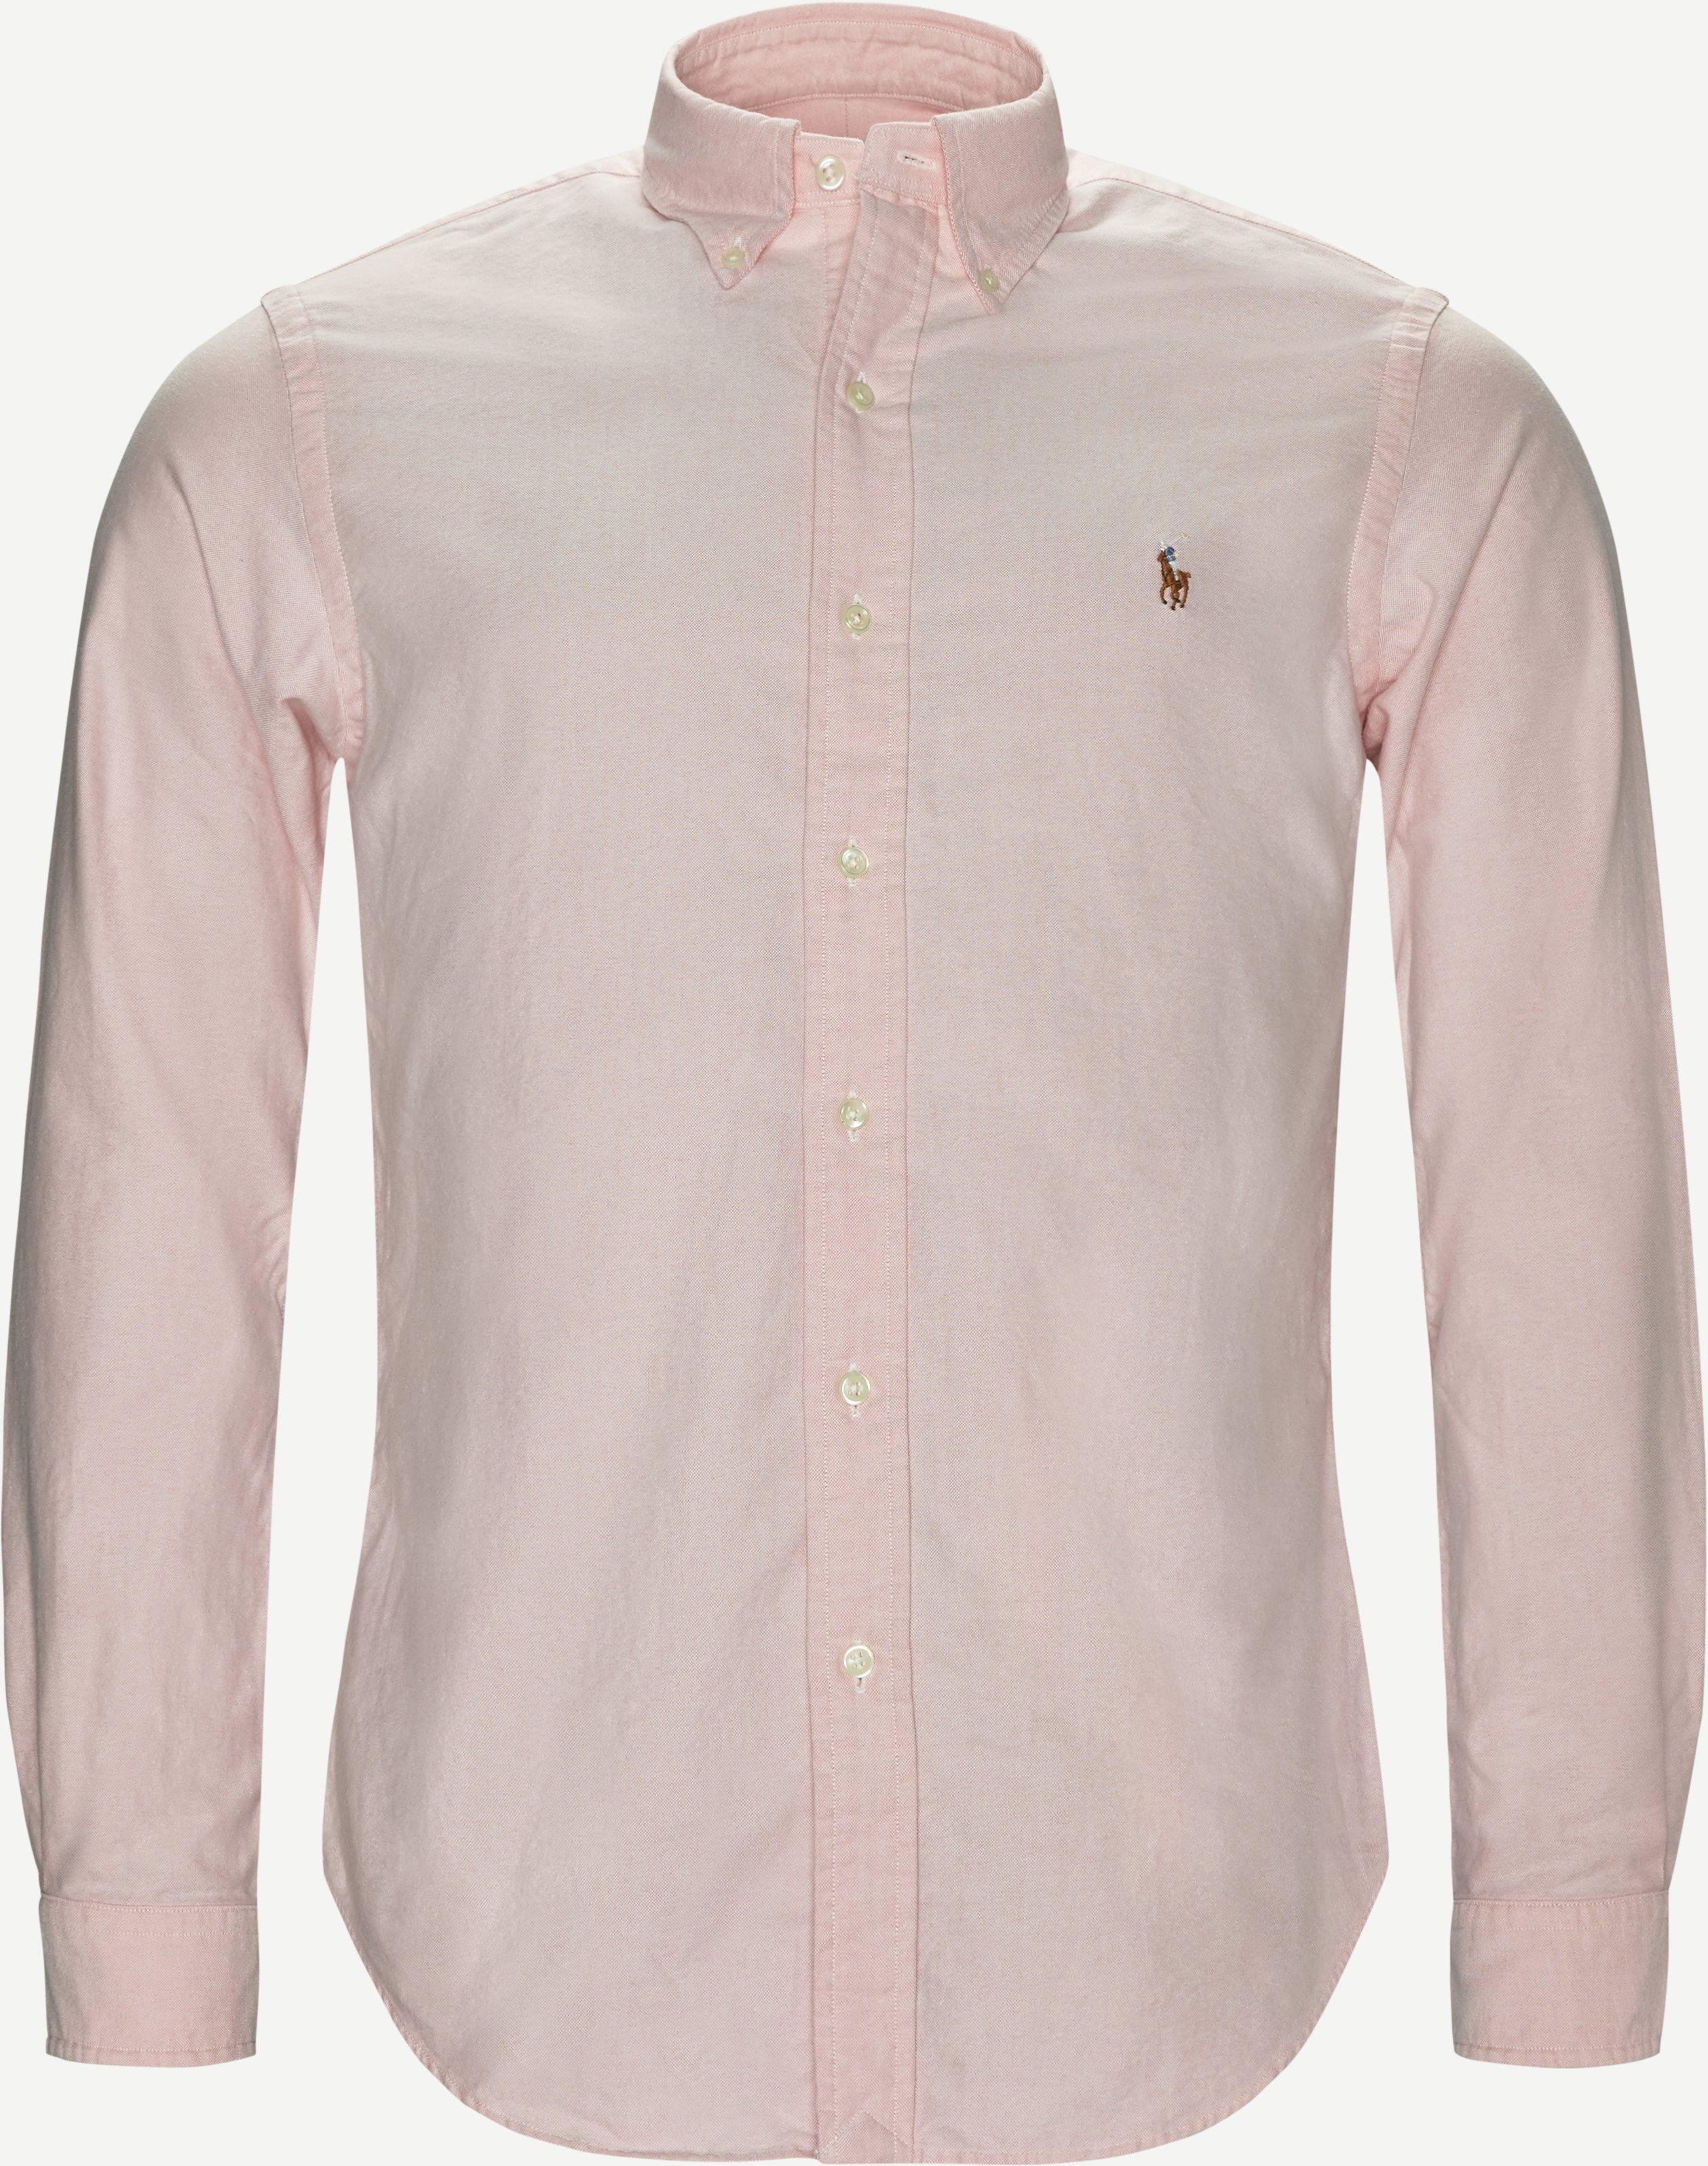 Shirts - Pink